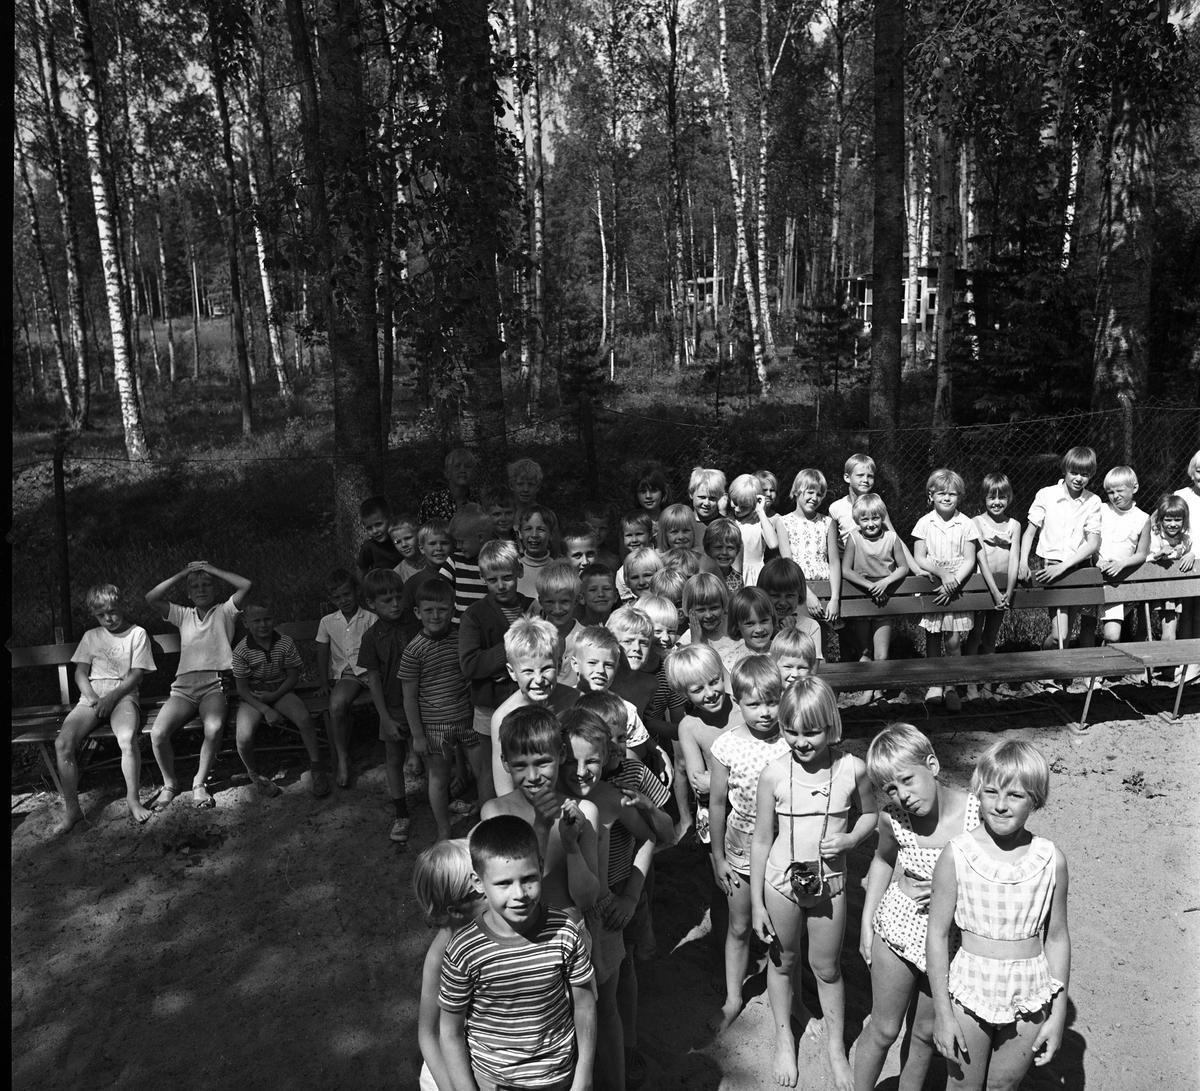 En stor samling barn vid Barnens Dagskolonin i Högsjön, väster om Arboga.